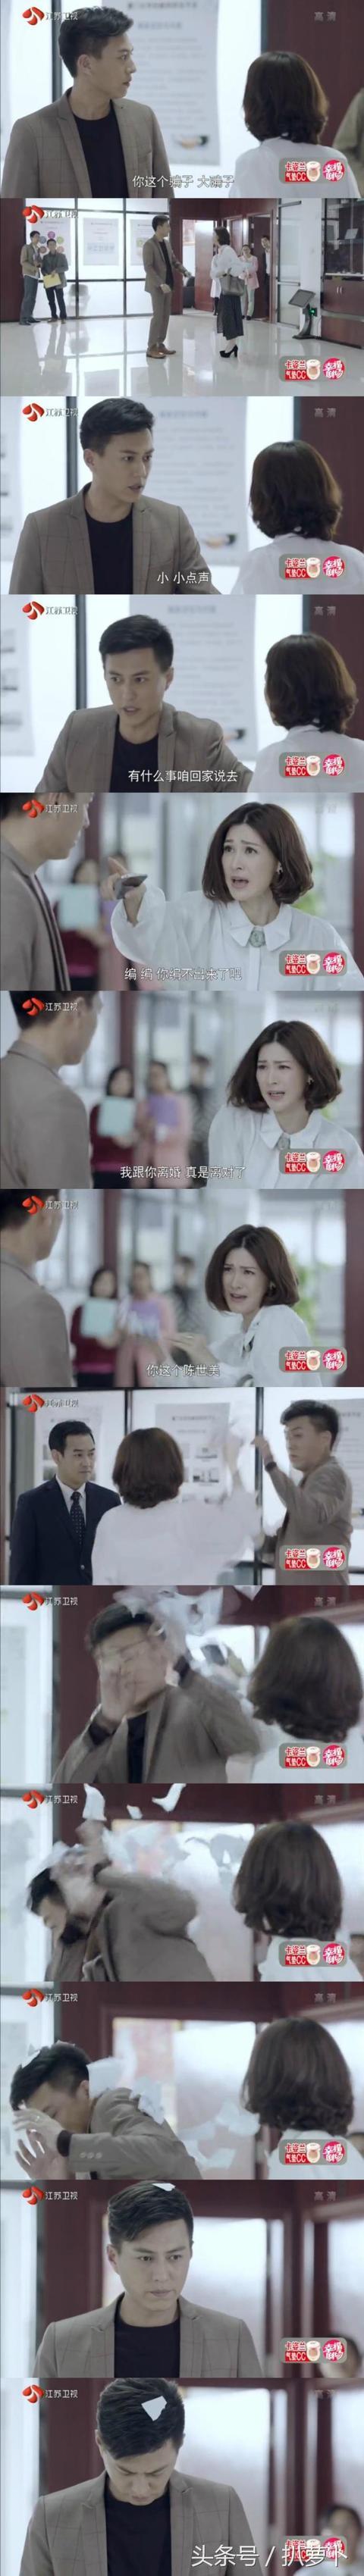 我们的爱靳东演出轨渣男被老婆又打又骂,网友:你也有今天!(2)